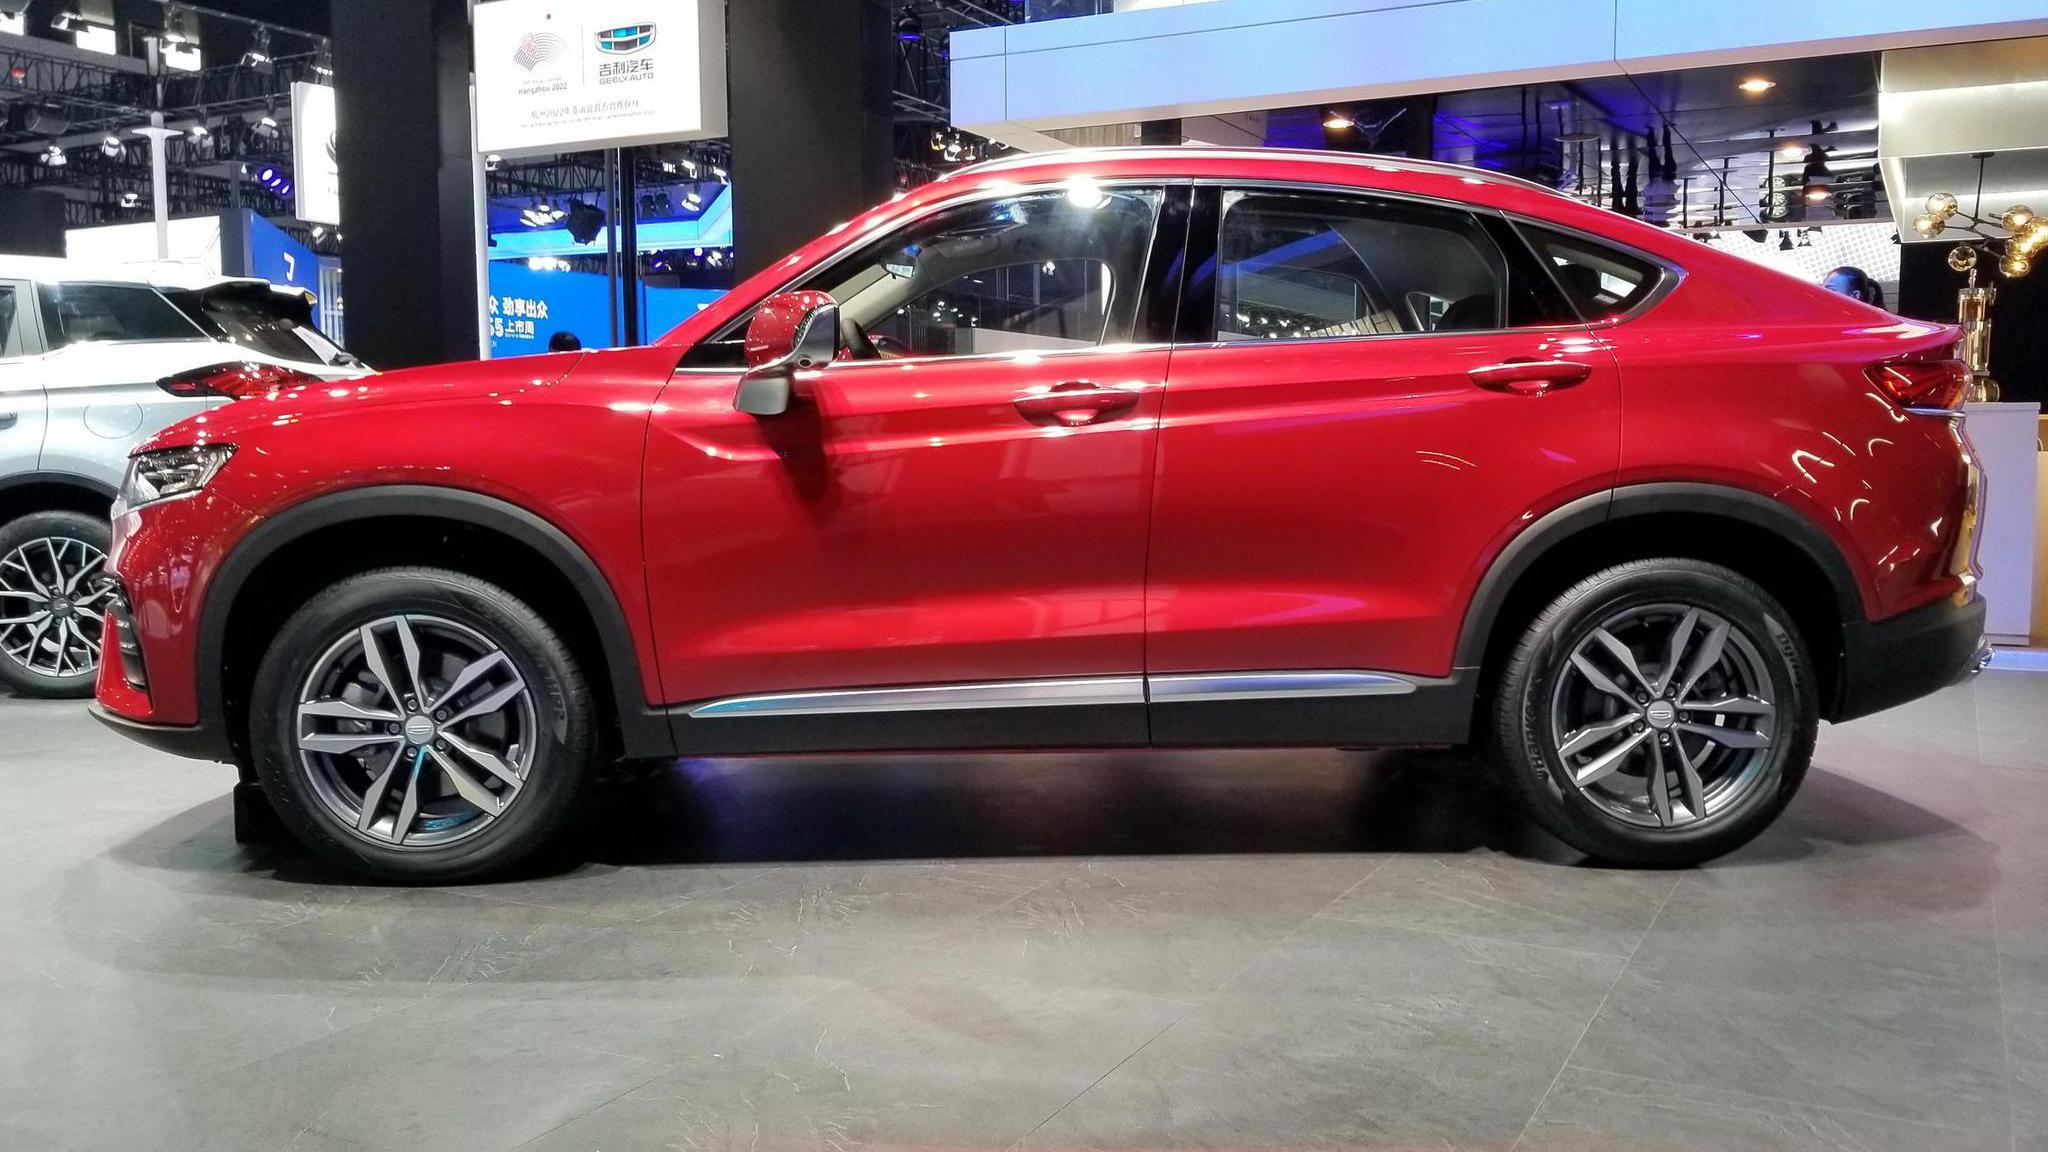 越来越多的车企开始造轿跑SUV?到底能不能买?搞清楚别选错了